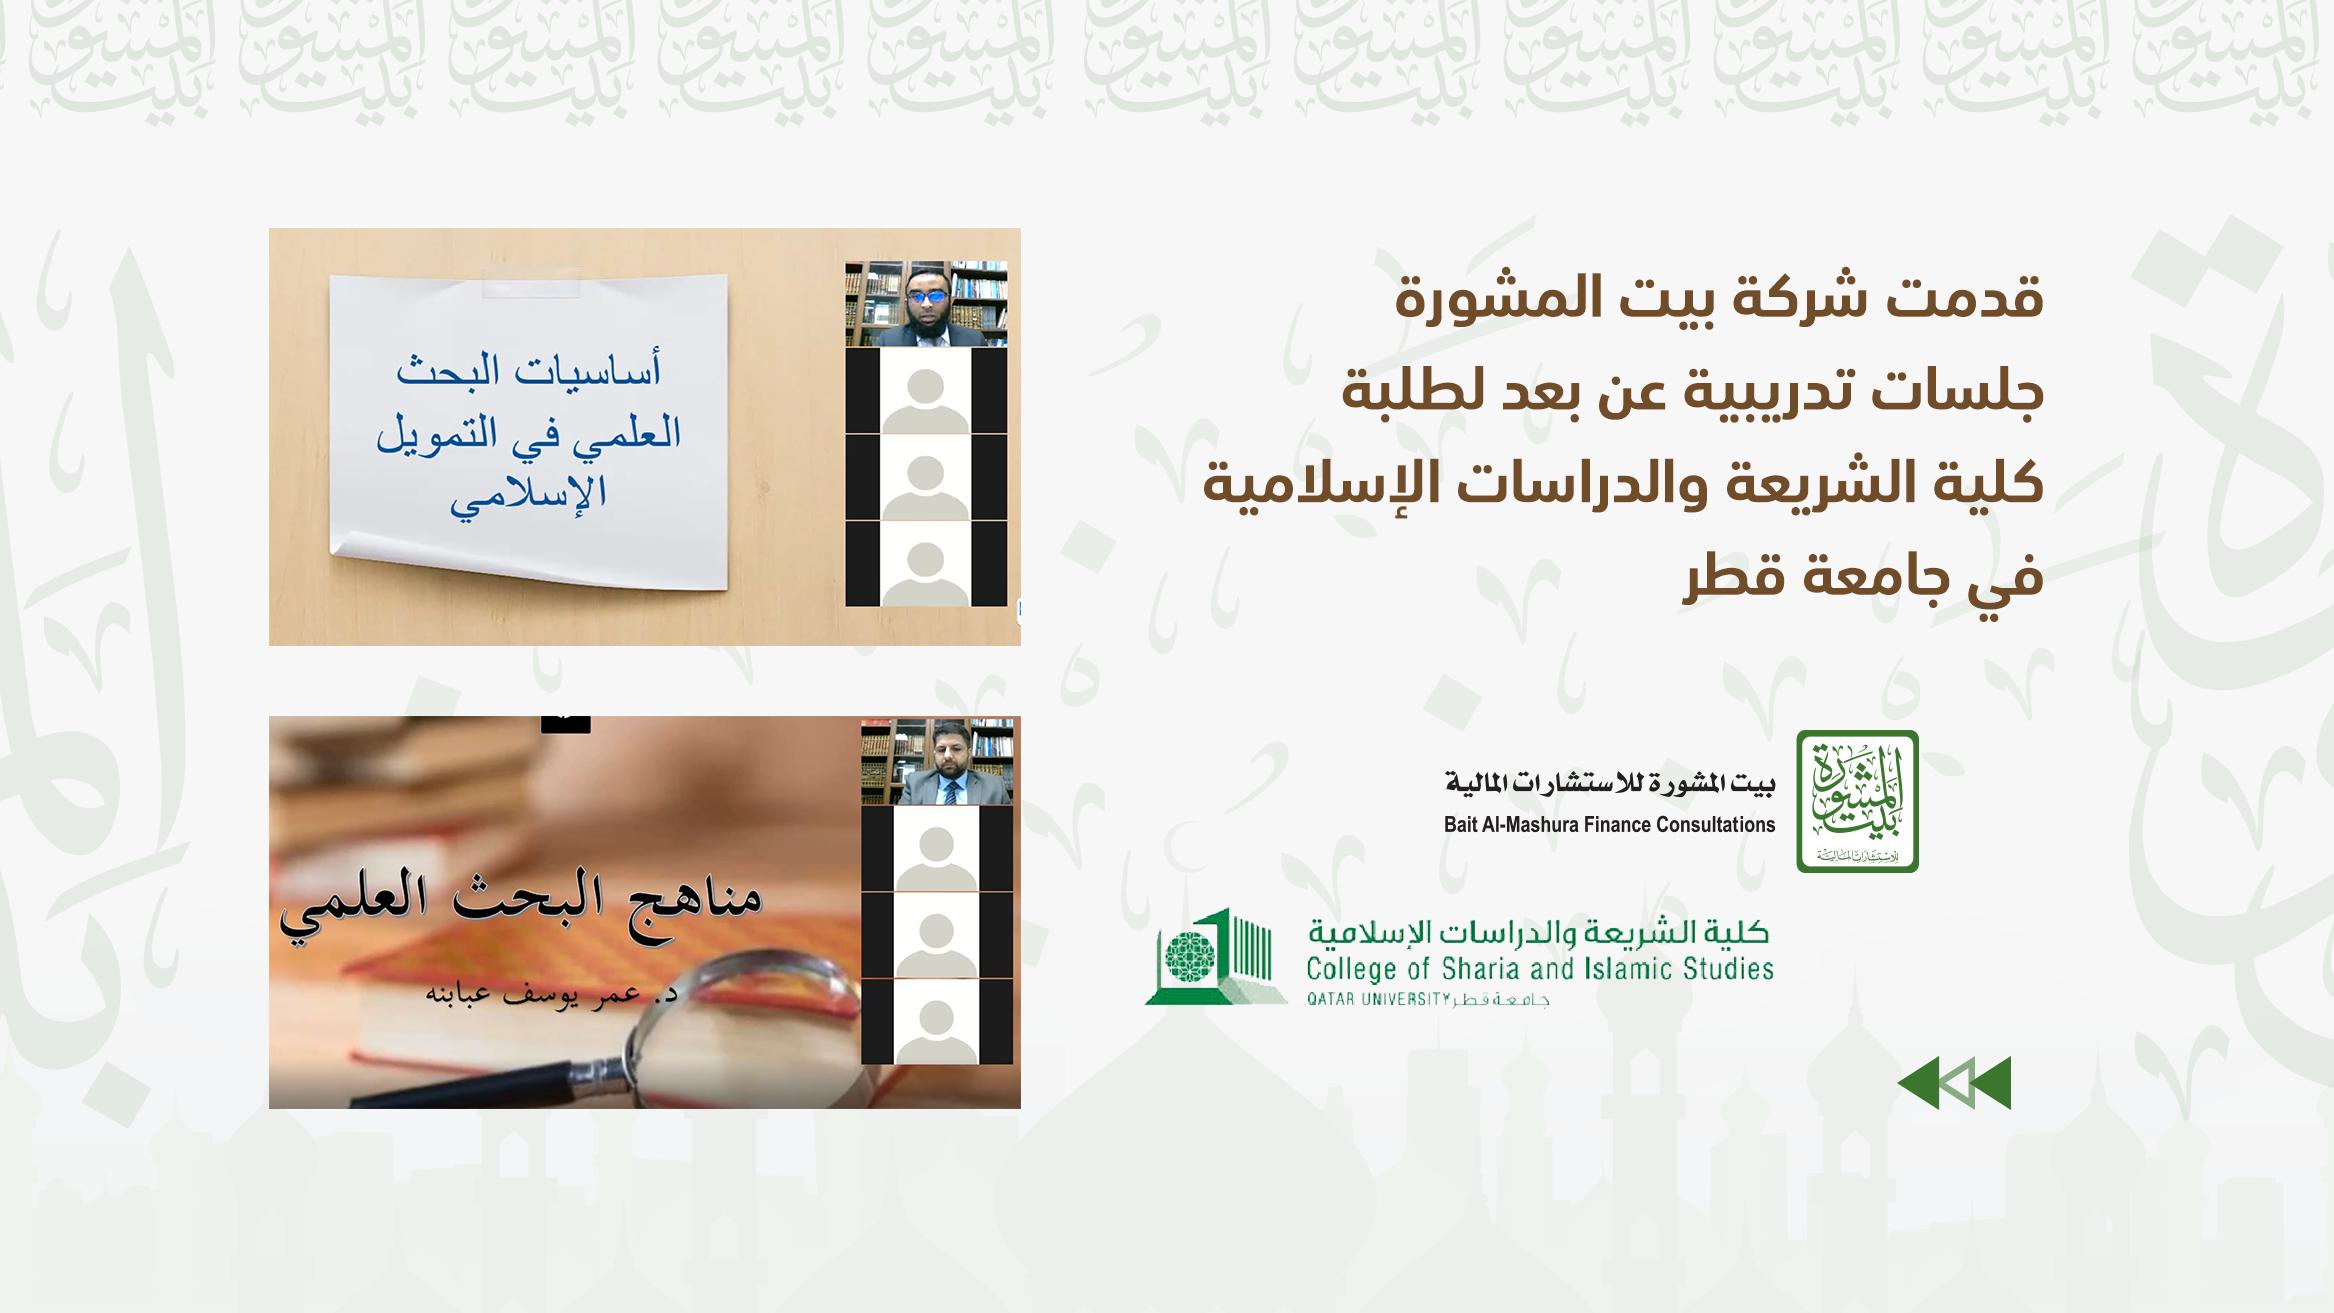 قدمت بيت المشورة جلسات تدريبية عن بعد لطلبة جامعة قطر